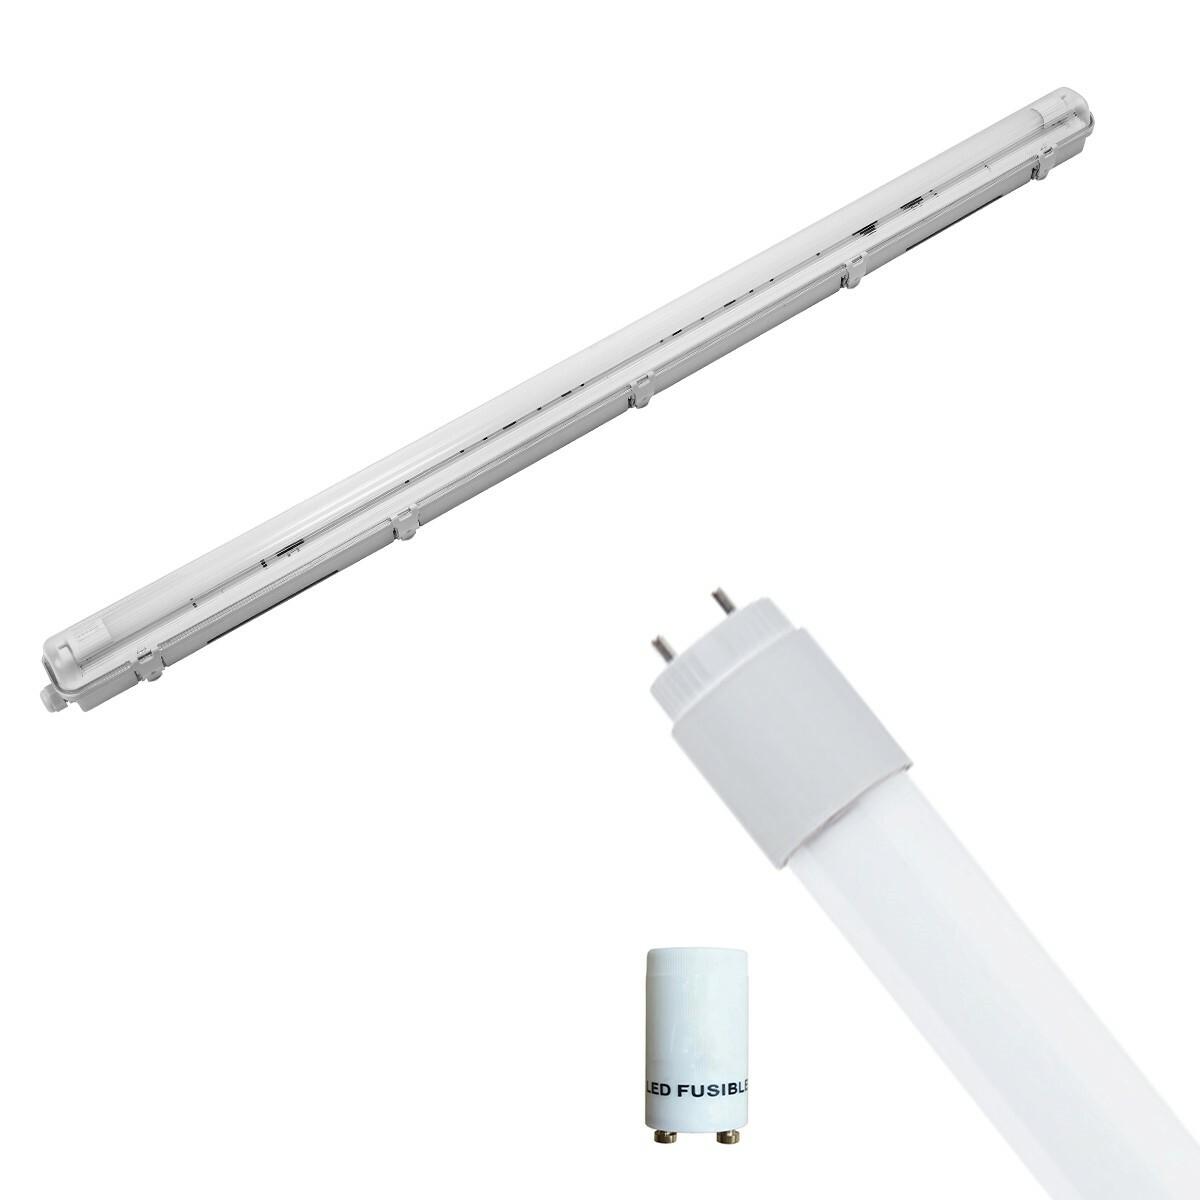 LED TL Armatuur met T8 Buis Incl. Starter - Pragmi Housing Pro - 120cm Enkel - 16W - Natuurlijk Wit